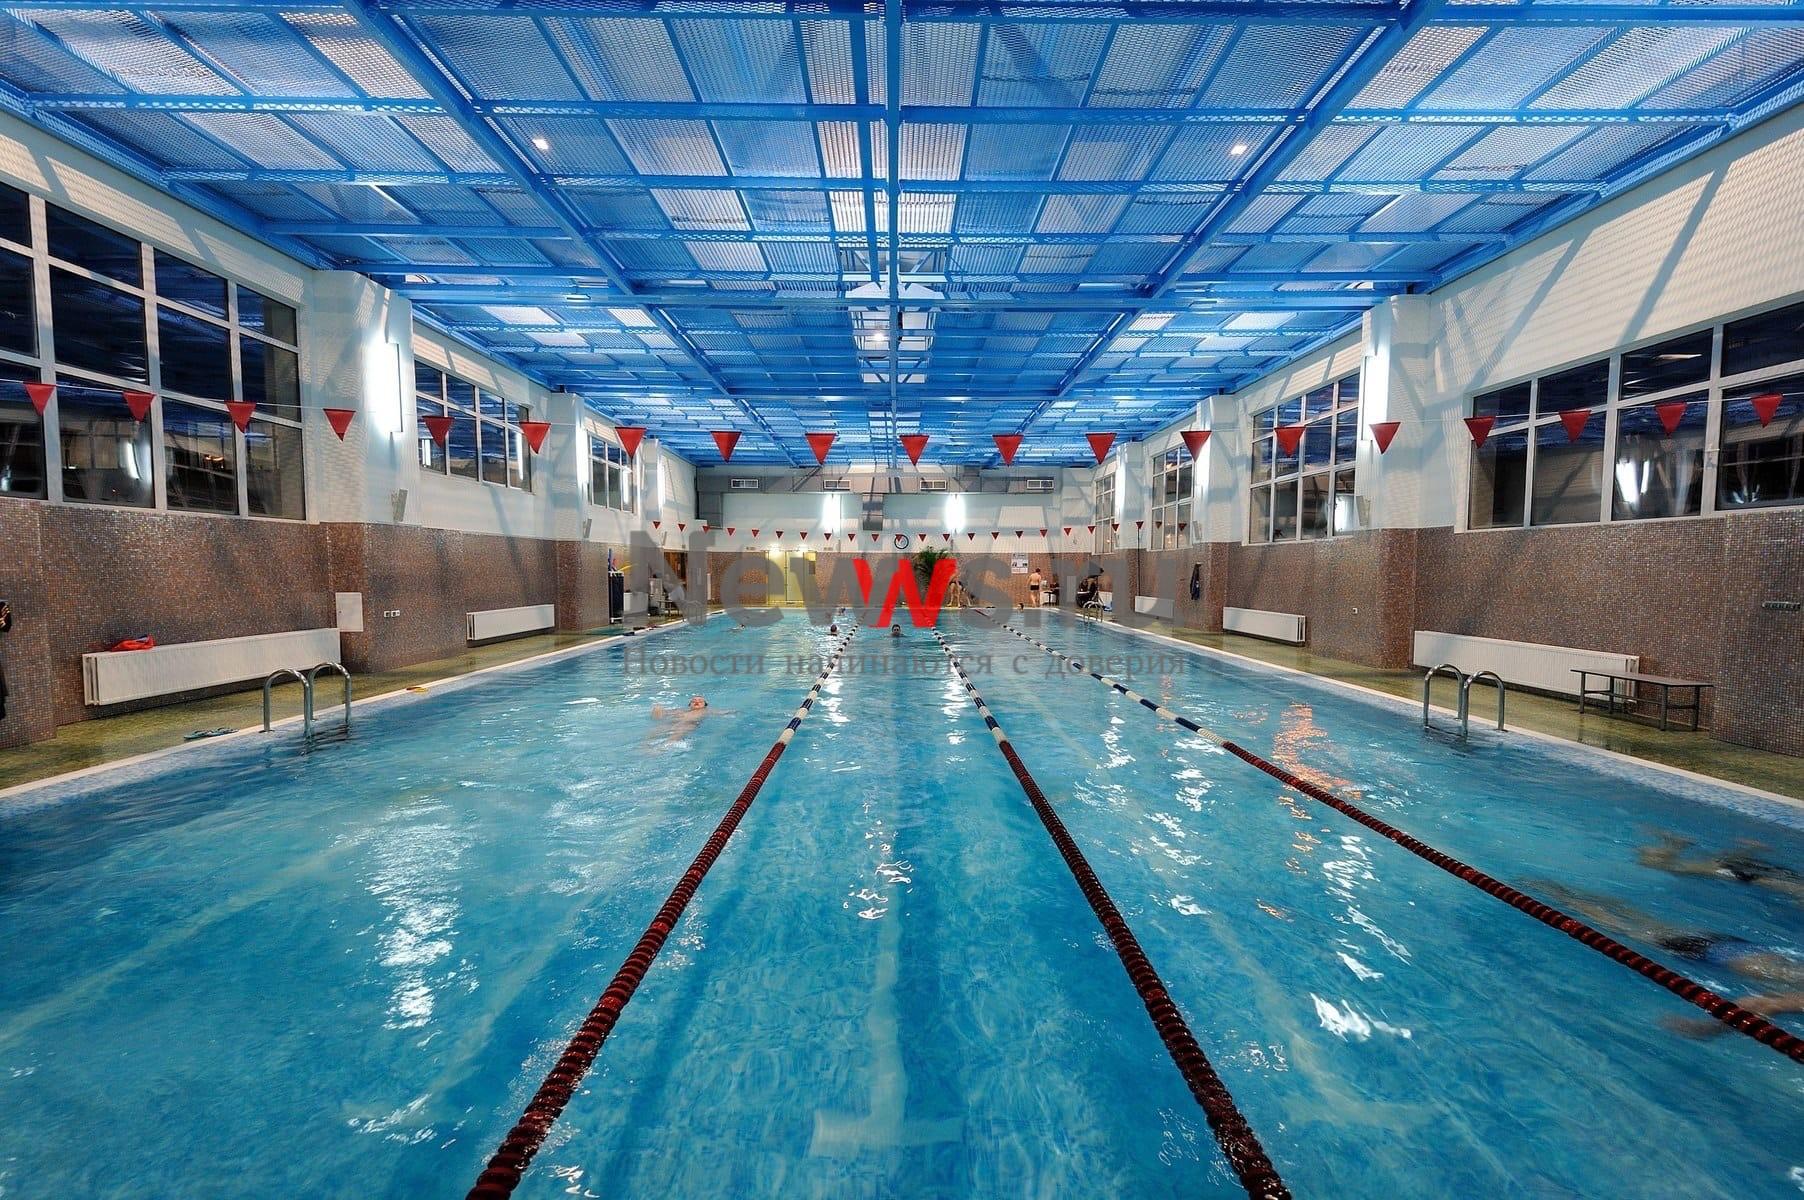 На юго-западе Москвы городом будет построено два спортивных объекта